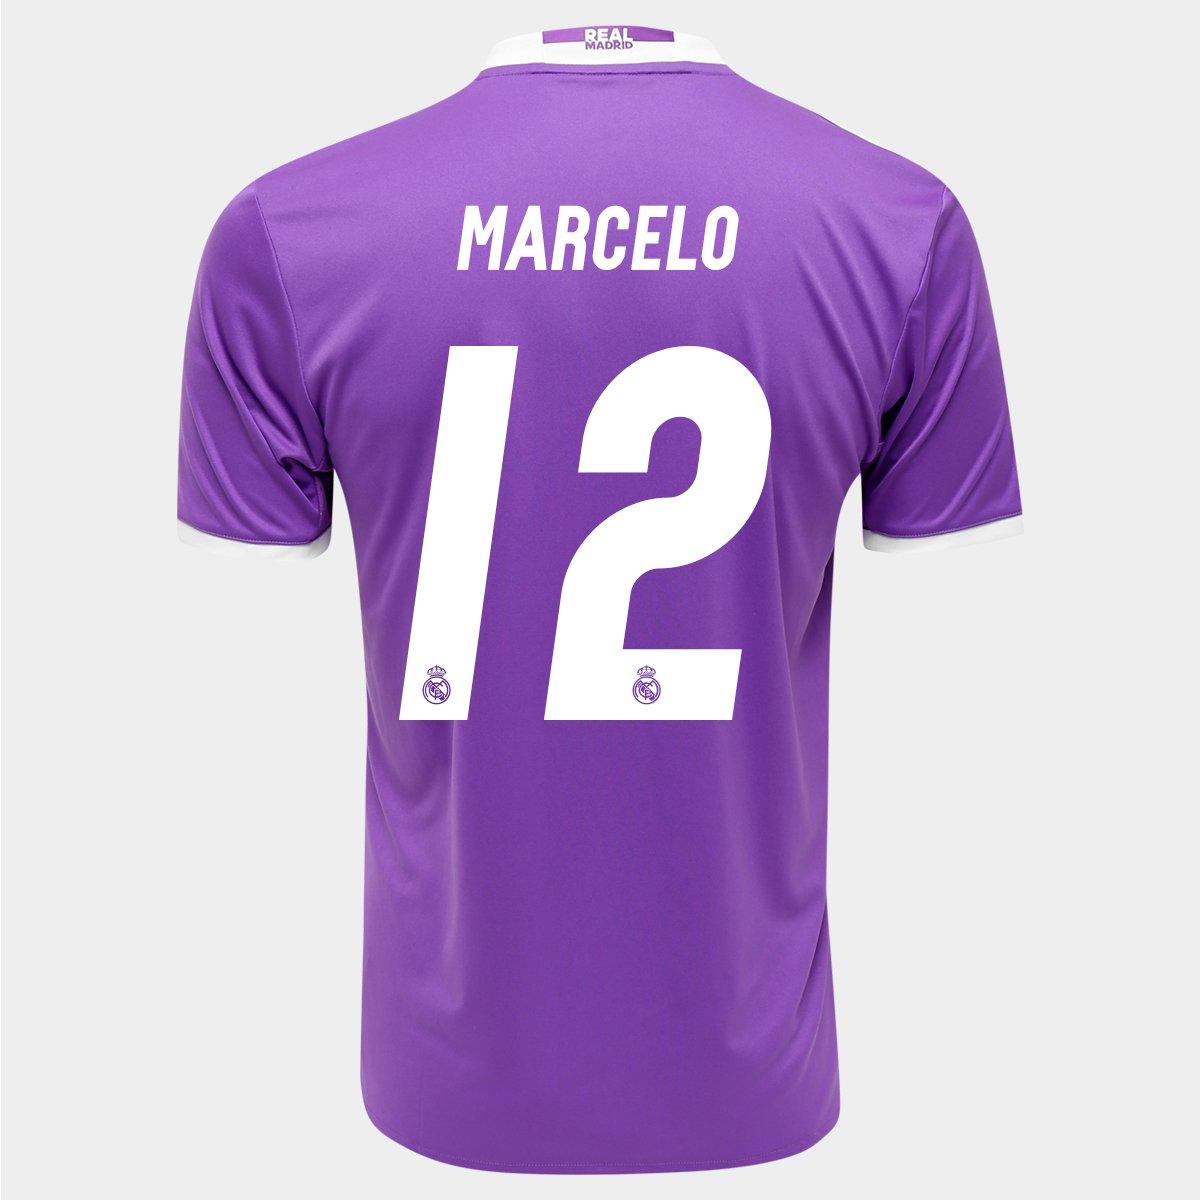 Camisa Adidas Real Madrid Away 16 17 nº 12 - Marcelo - Compre Agora ... 4612e6f9886e4